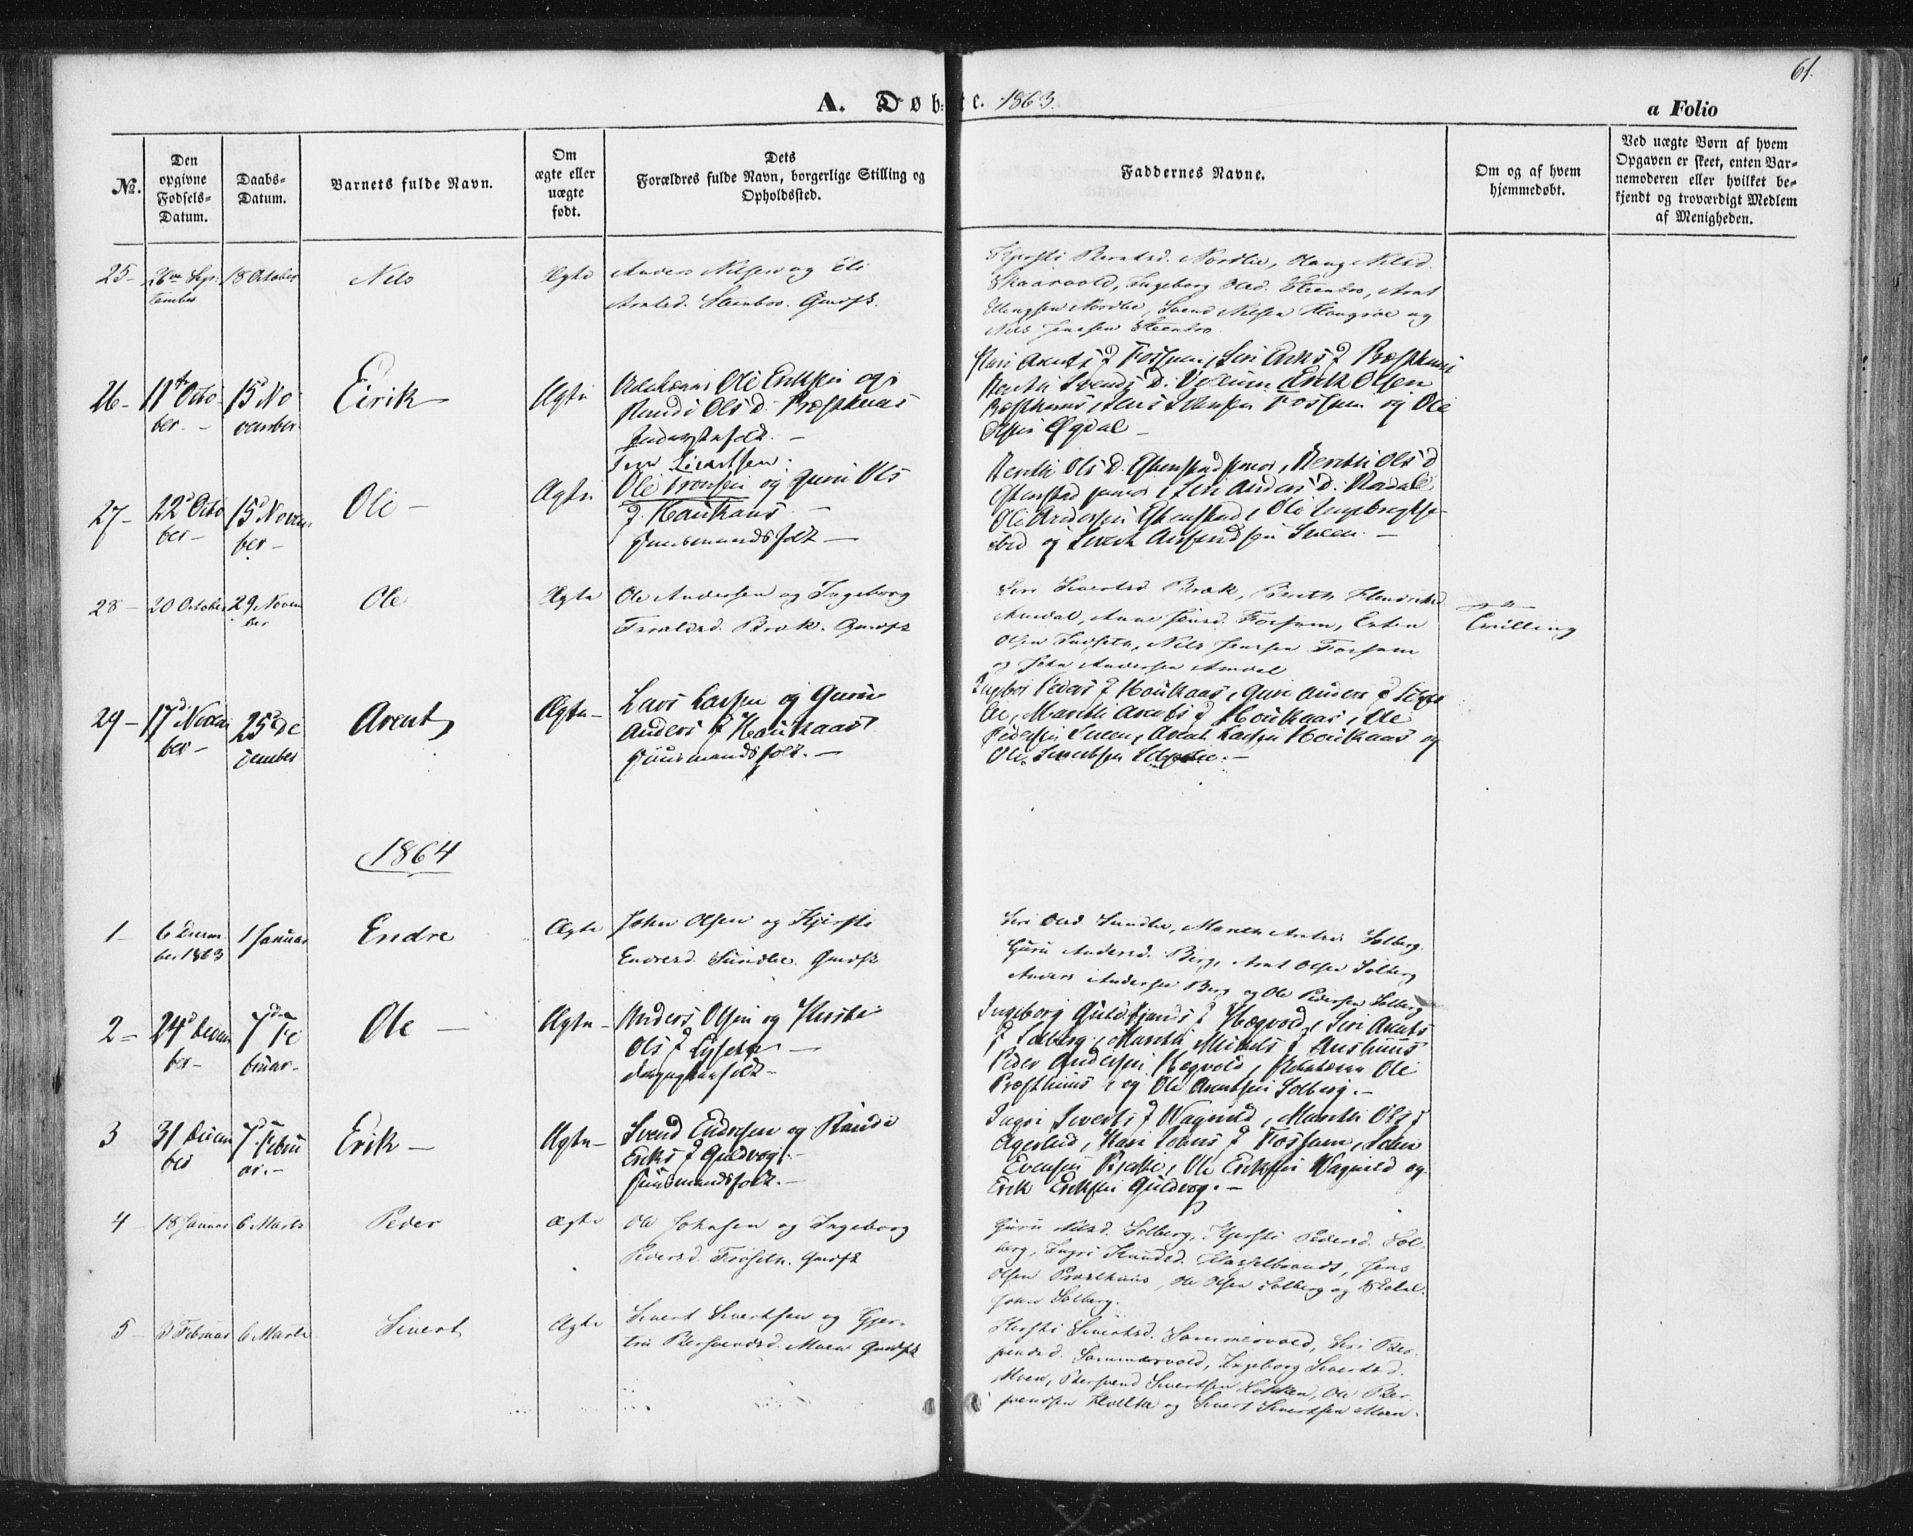 SAT, Ministerialprotokoller, klokkerbøker og fødselsregistre - Sør-Trøndelag, 689/L1038: Ministerialbok nr. 689A03, 1848-1872, s. 61